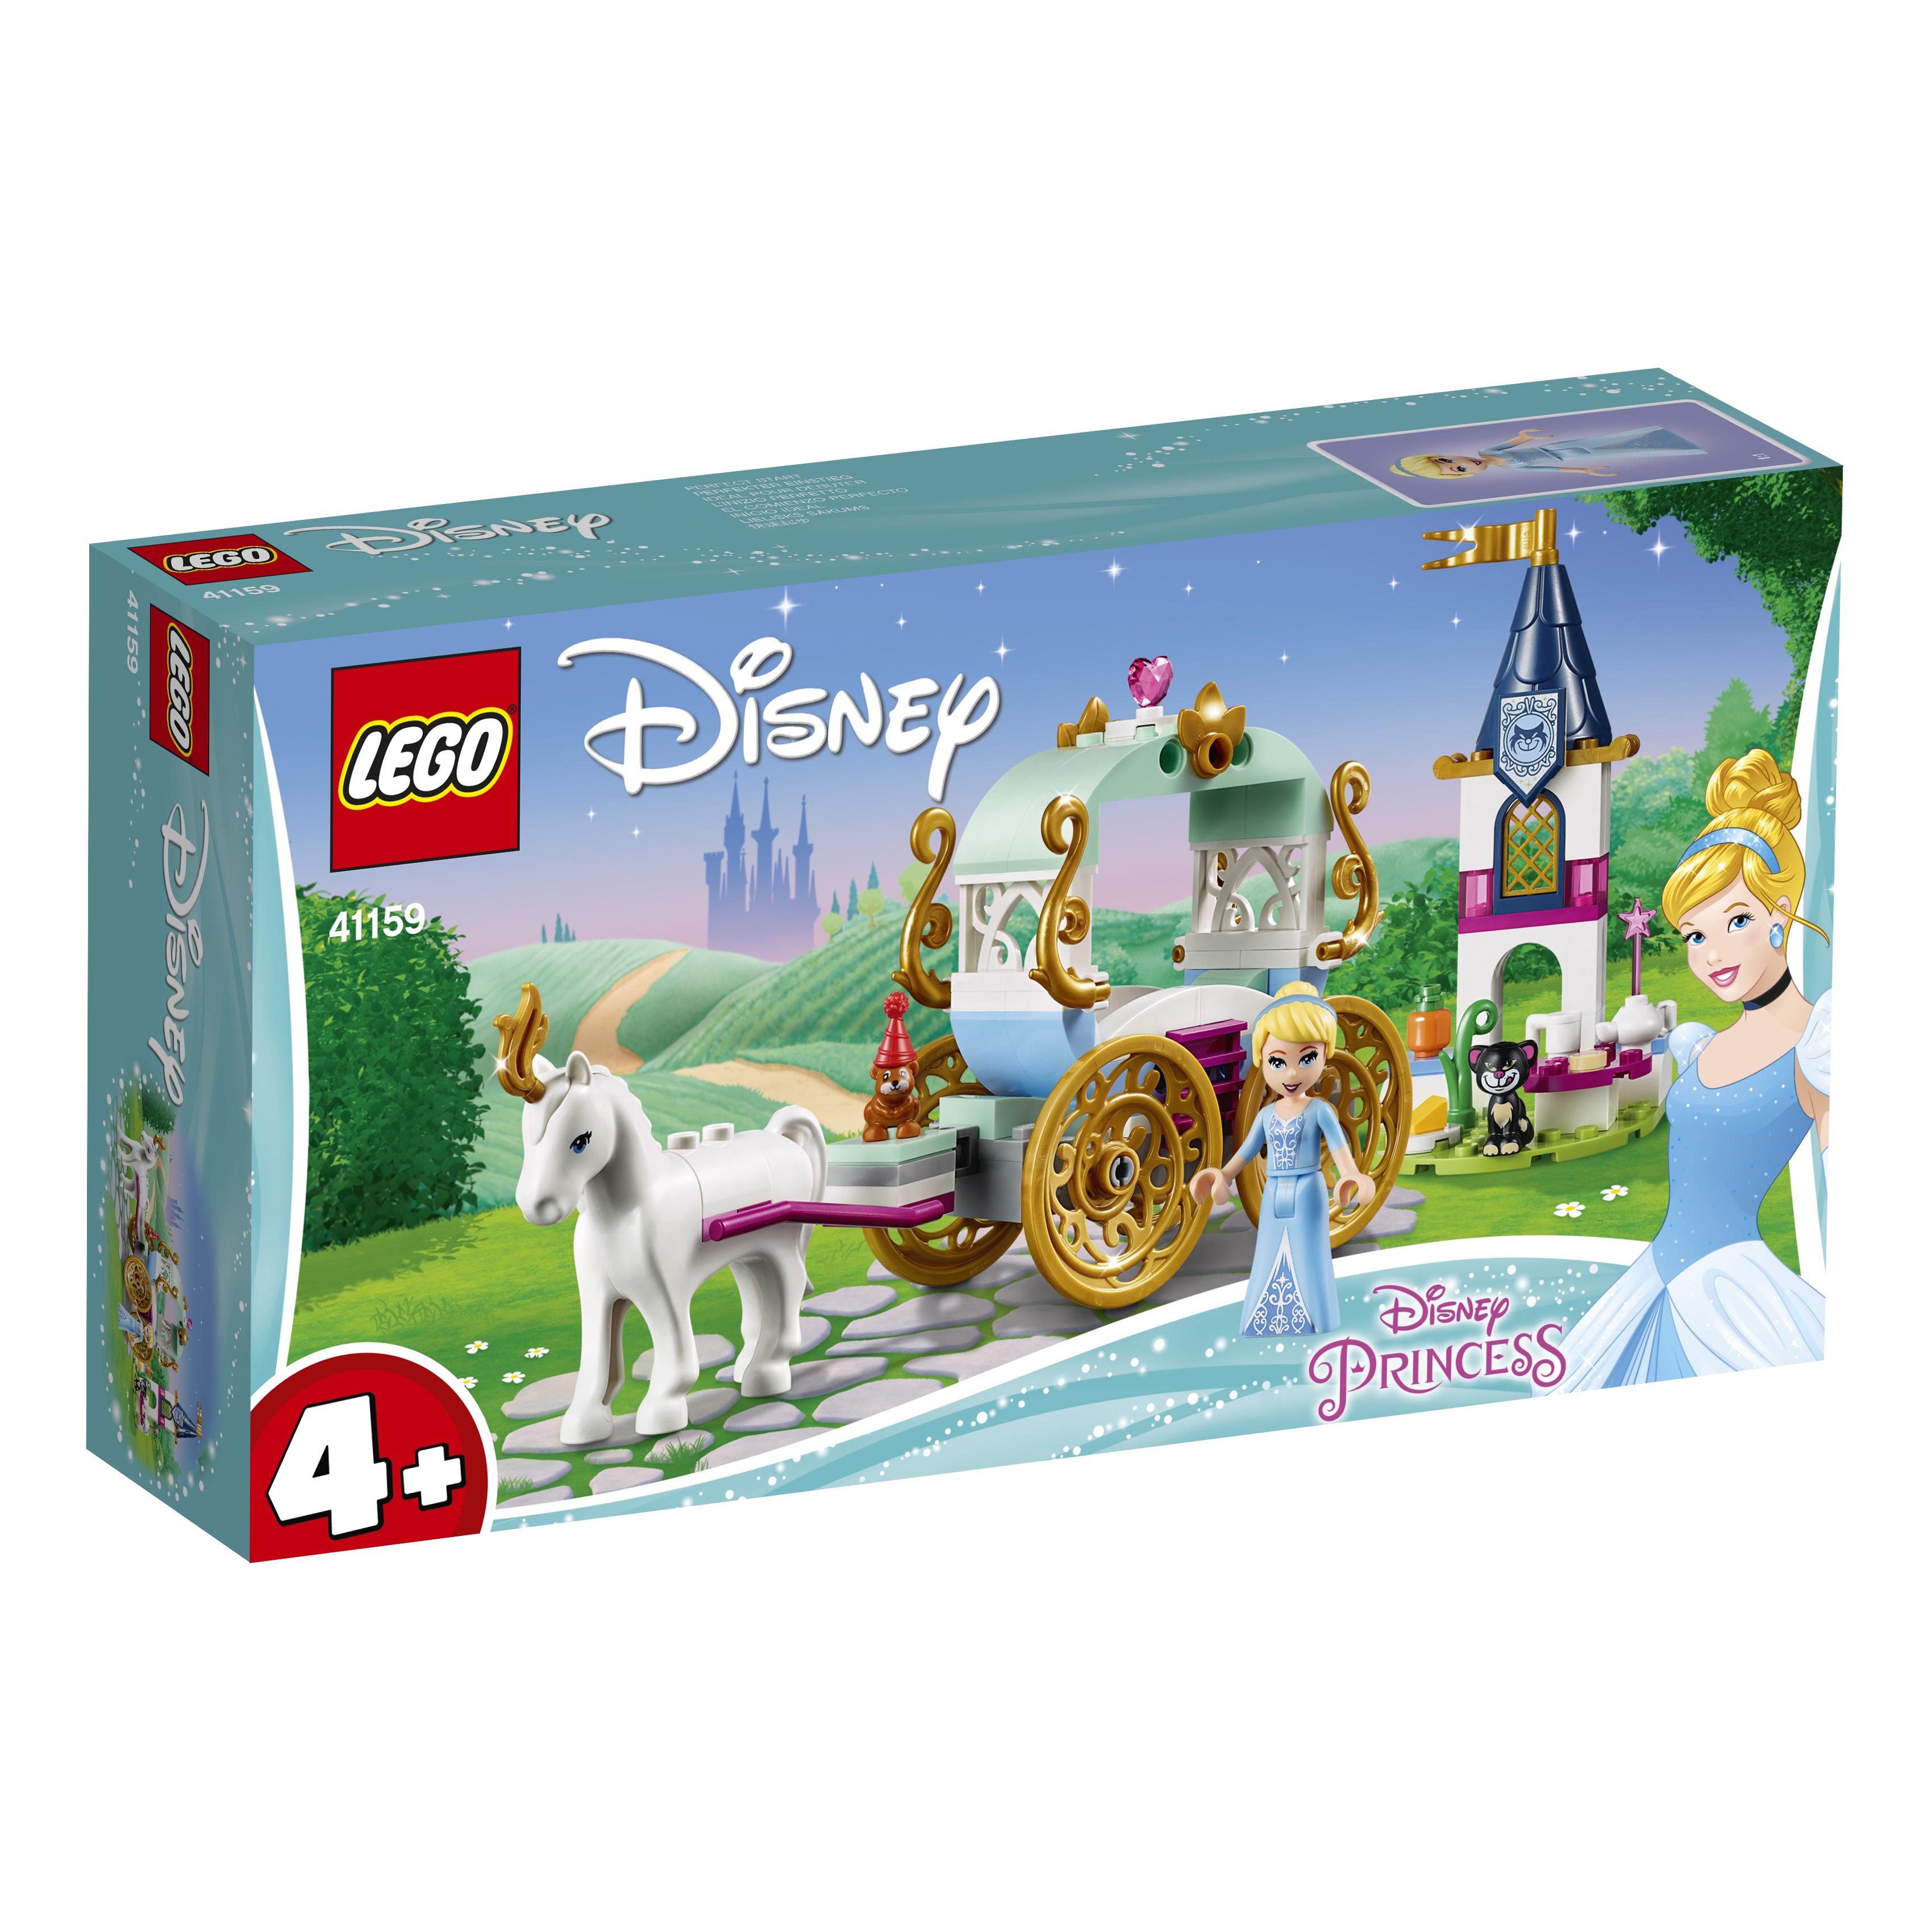 Конструктор LEGO Карета Золушки конструктор lego disney princess волшебный замок золушки 585 элементов 41154